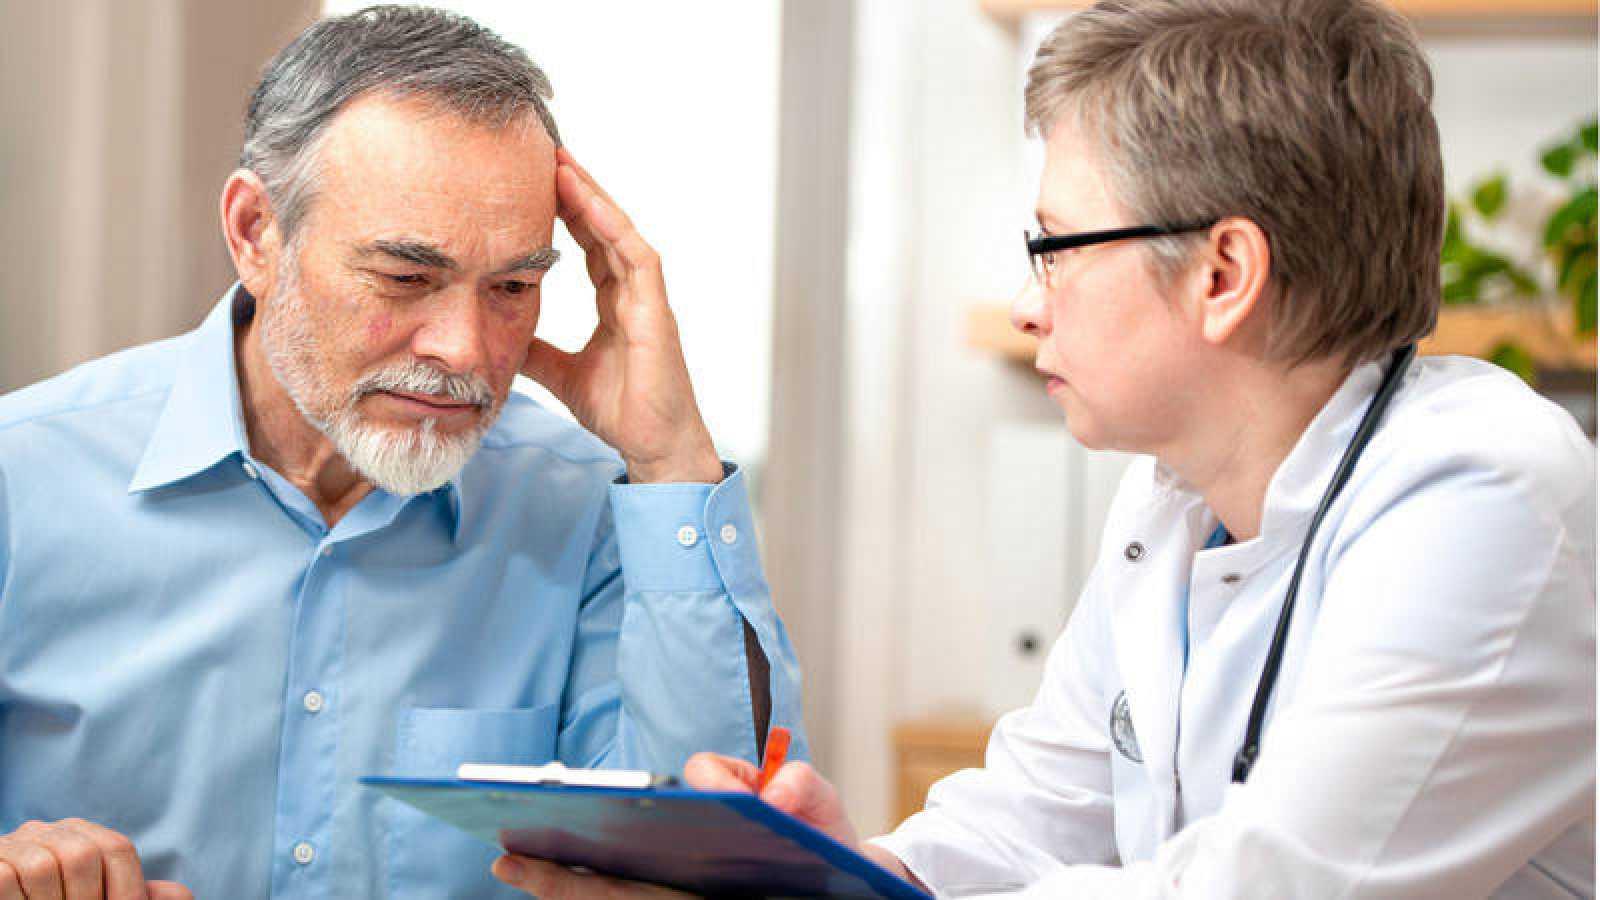 Cambios en el estilo de vida y buena salud mental, claves para combatir la demencia